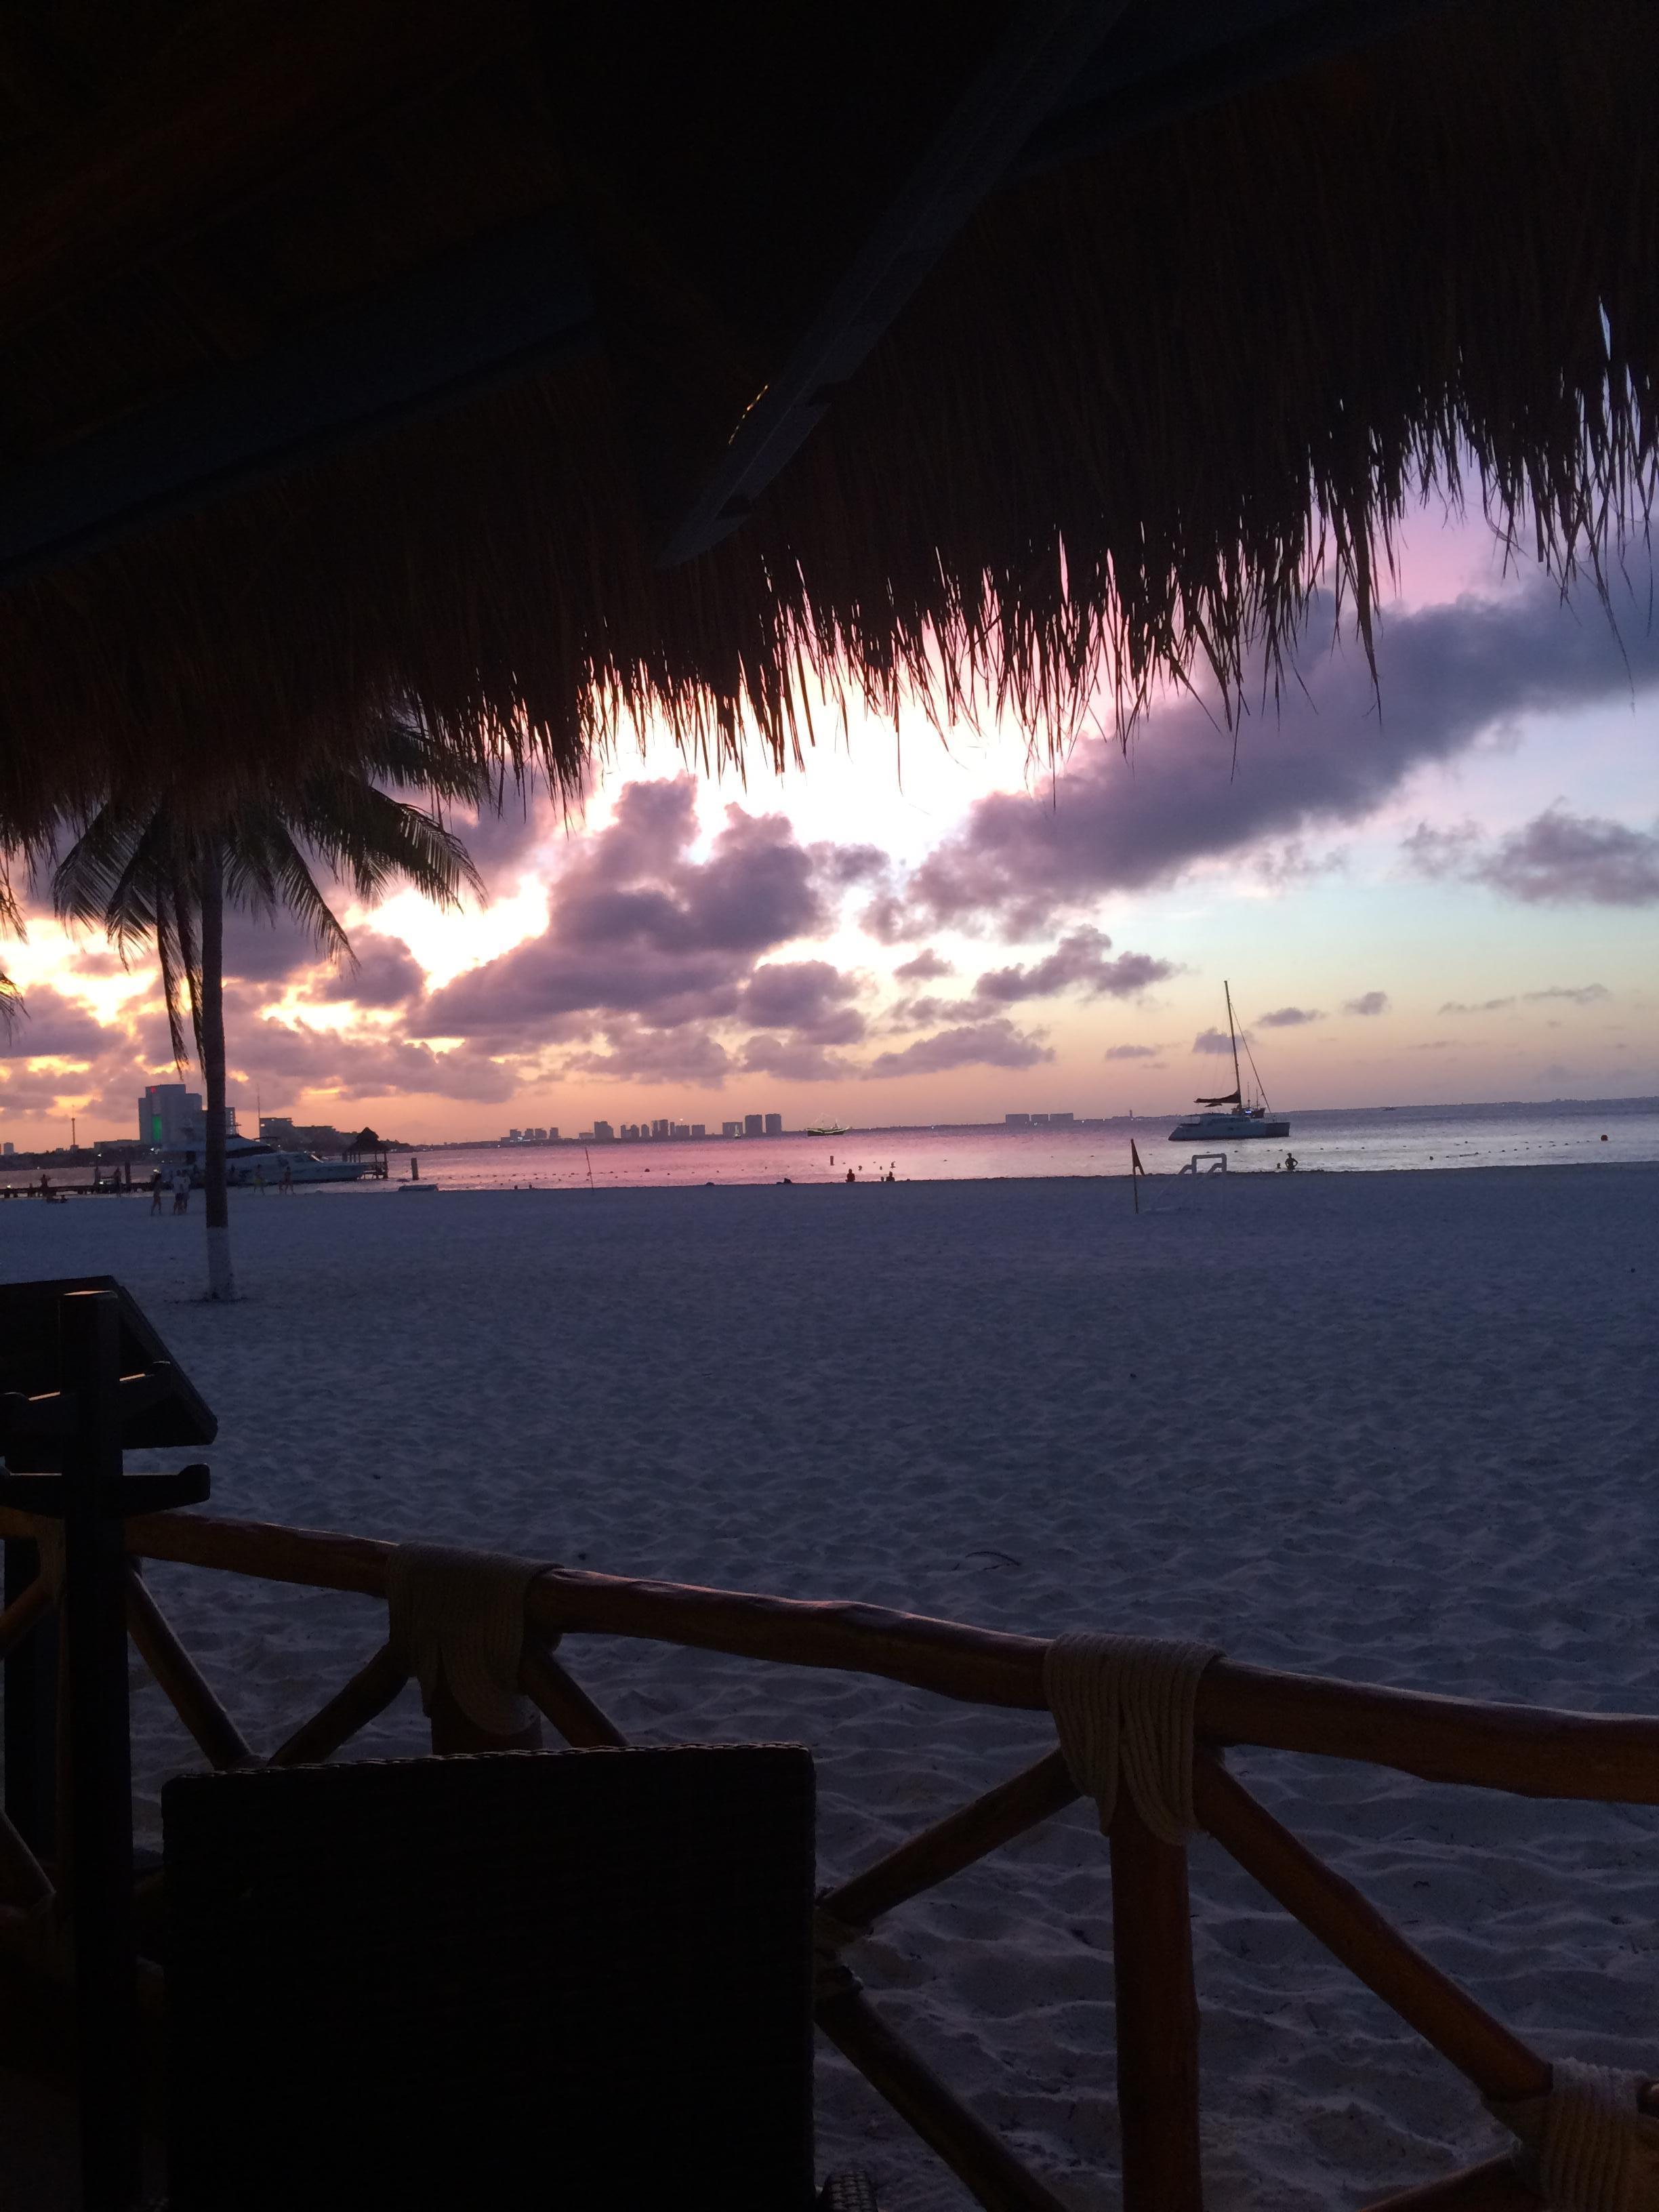 Bar/Restaurant on beach